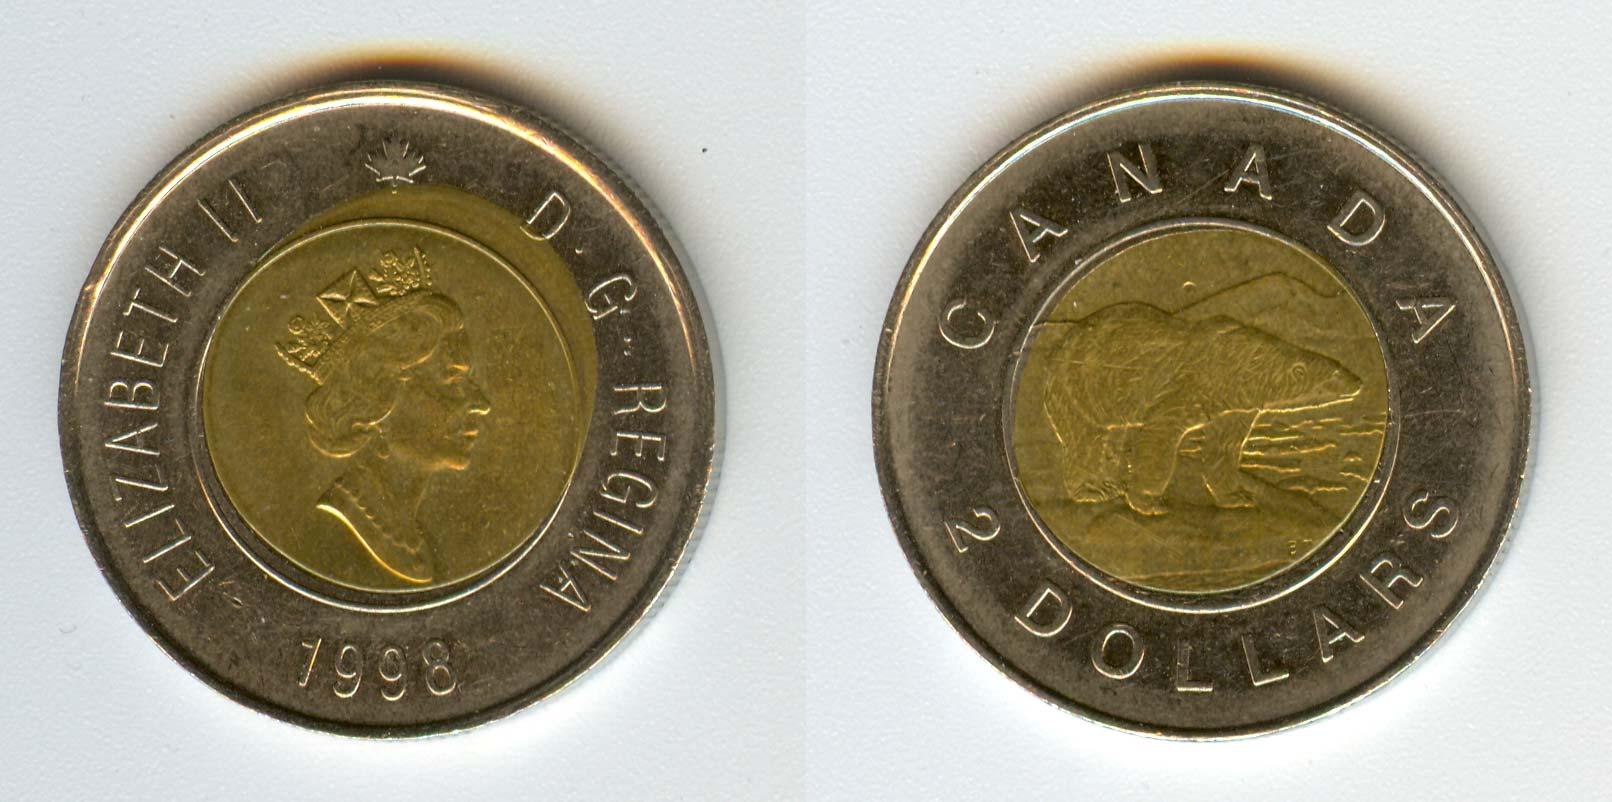 1998 Canadian Prooflike Toonie $2.00 W